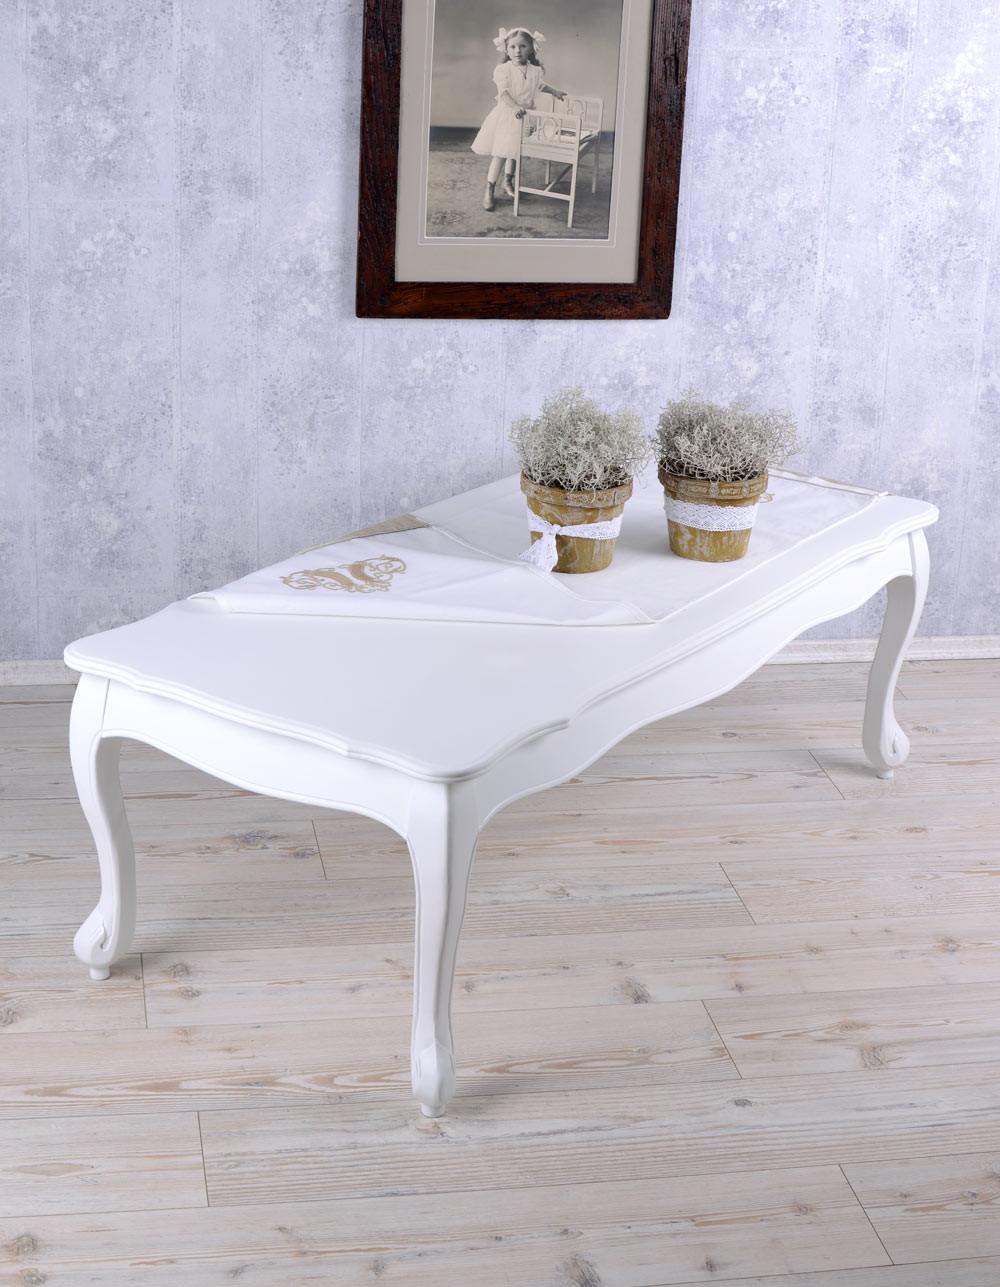 Couchtisch Shabby  Wohnzimmertisch Weiss Tisch Landhausstil Couchtisch Shabby